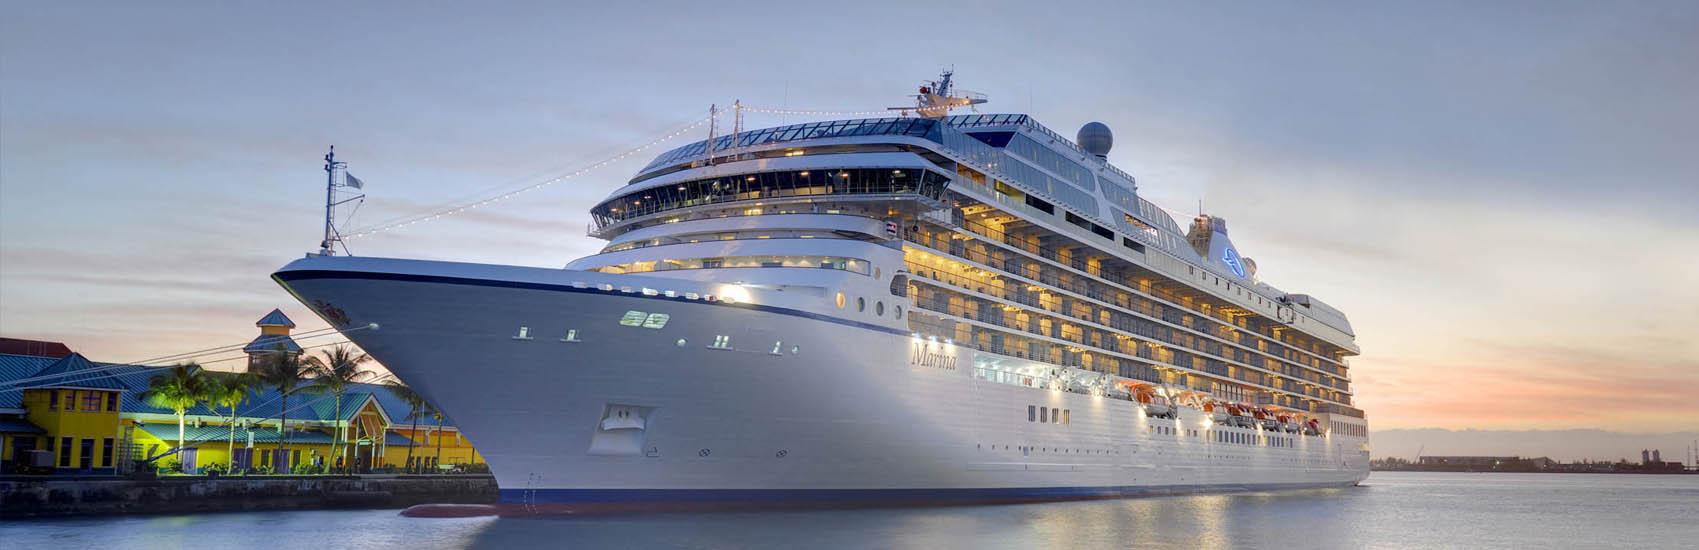 Les résidents canadiens économisent 10 % sur certains voyages Oceania Cruises 3